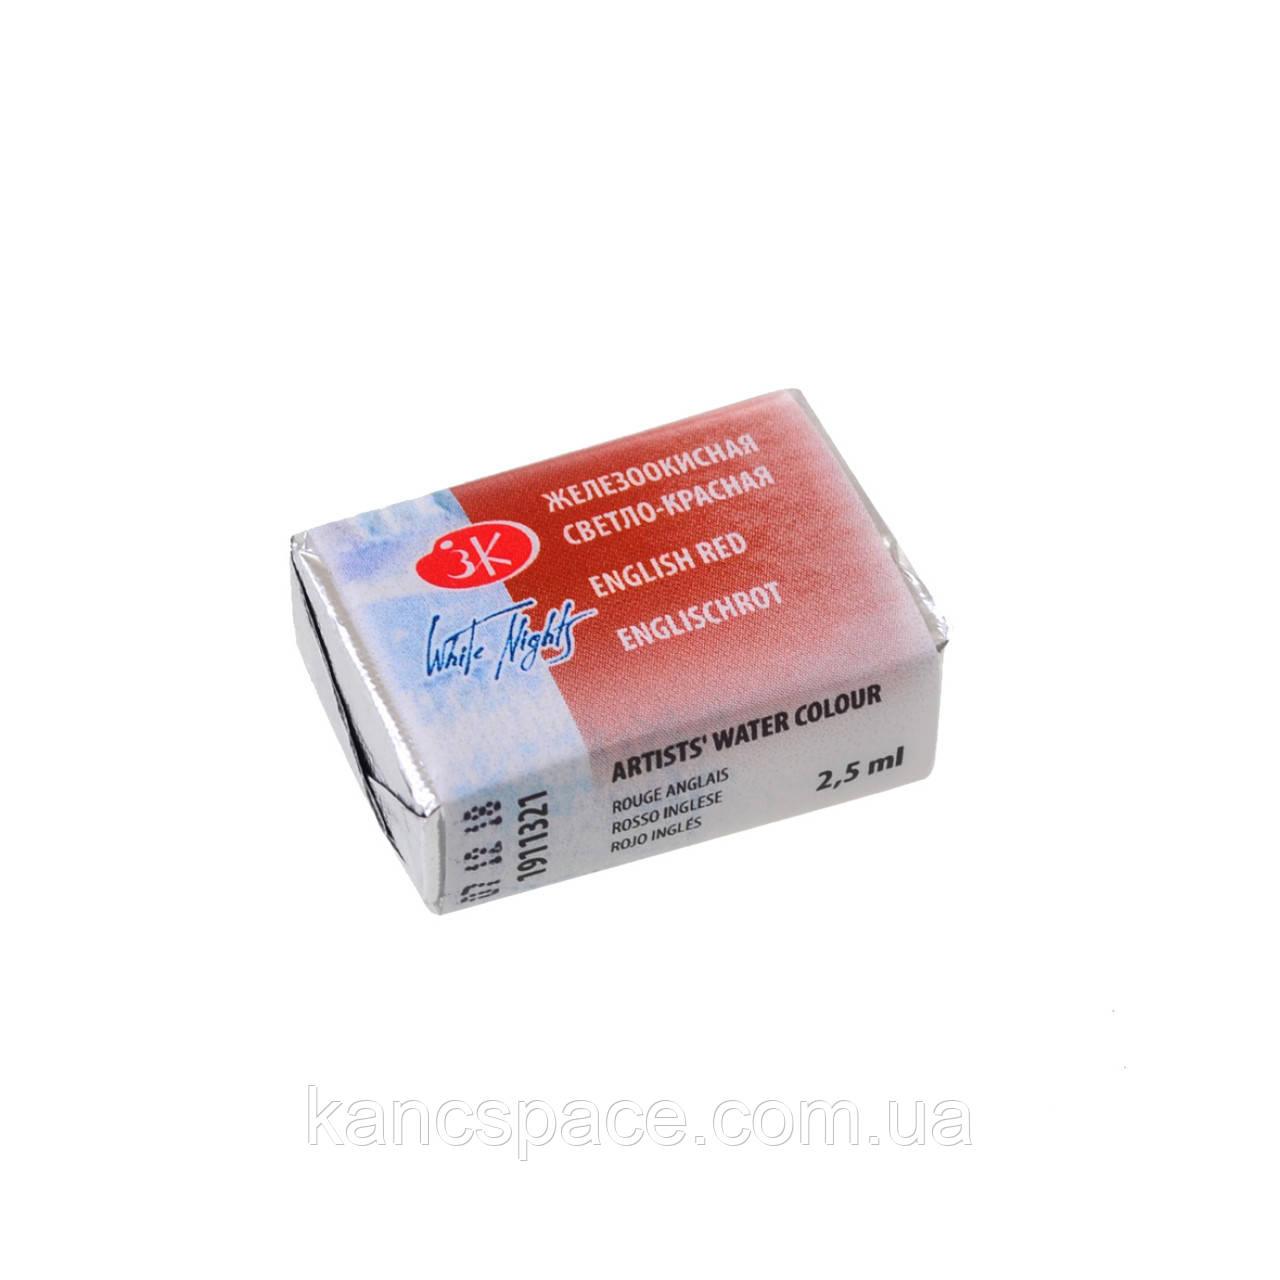 Фарба акварельна КЮВЕТА, залізоокисна світло-червона, 2.5мл ЗХК